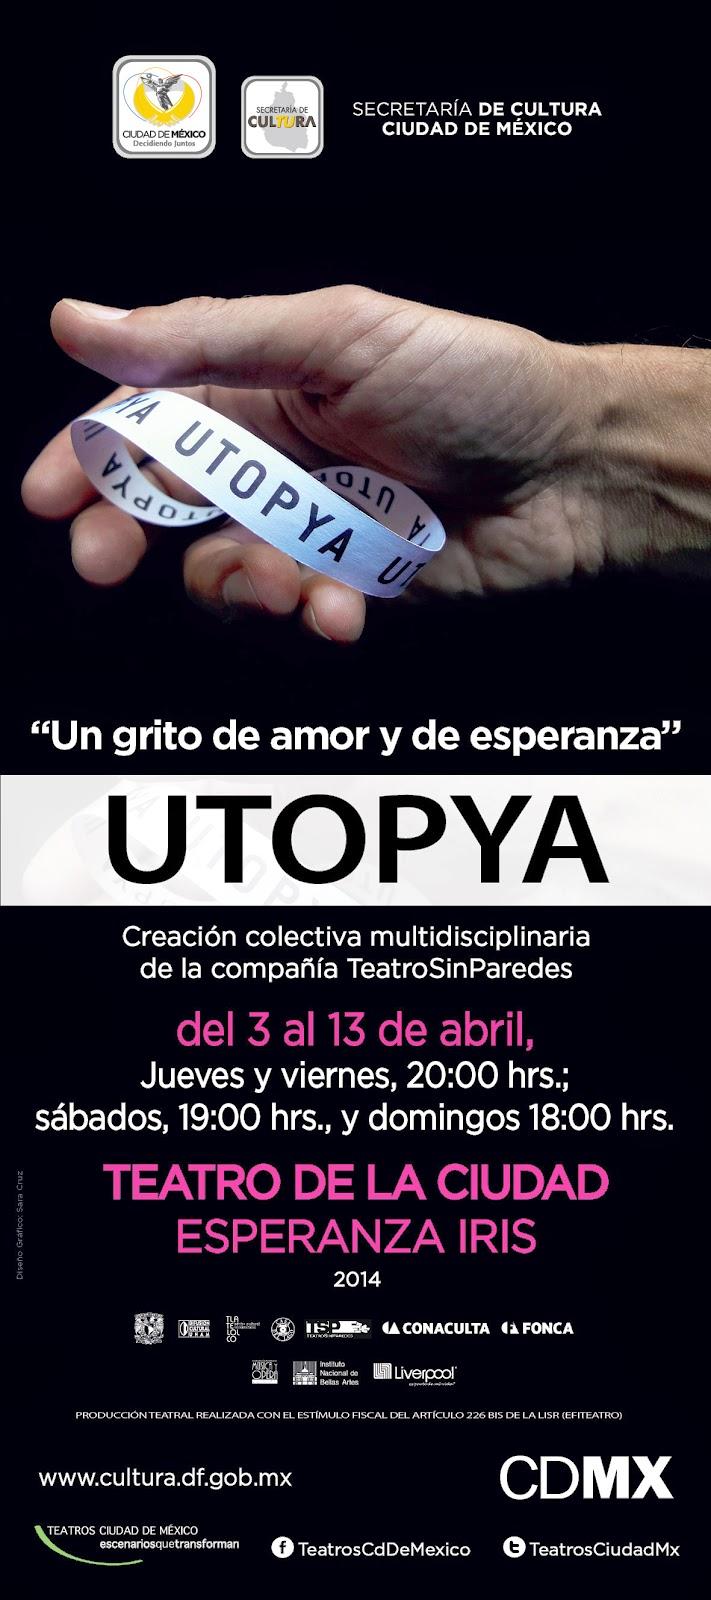 """Se presenta """"Utopya"""" en el Teatro de la Ciudad Esperanza Iris"""